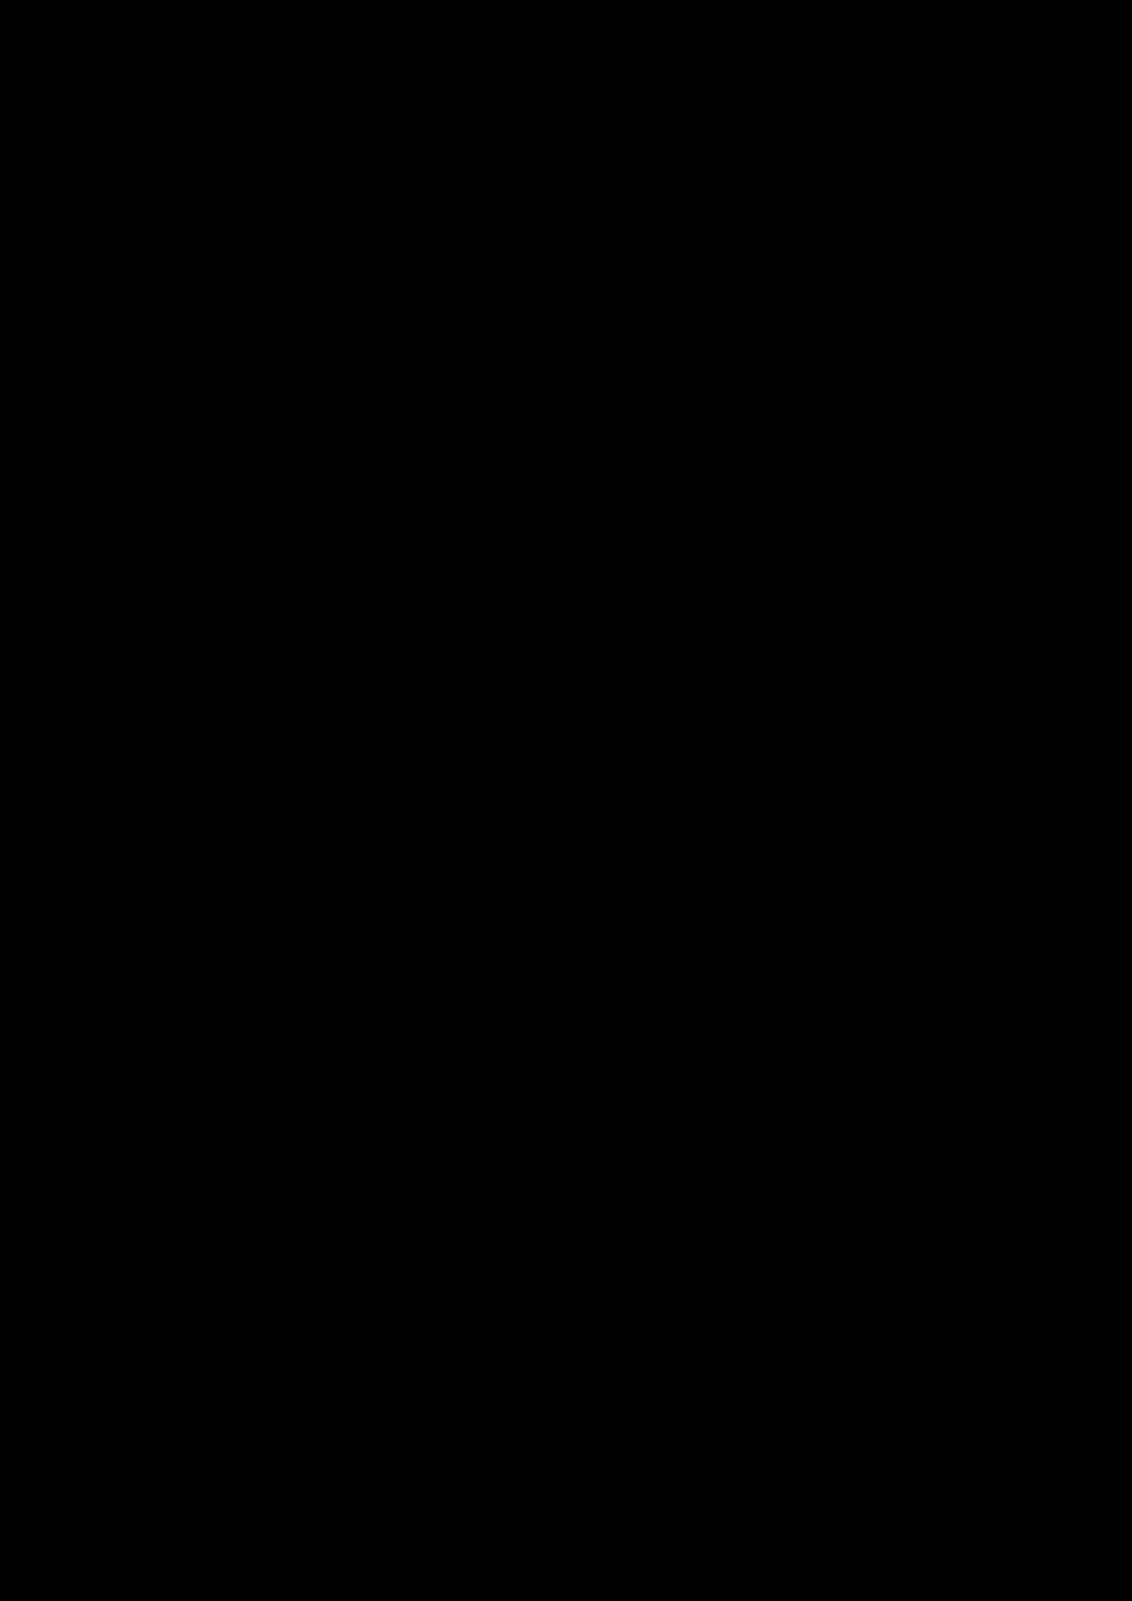 Vyibor Est slide, Image 1